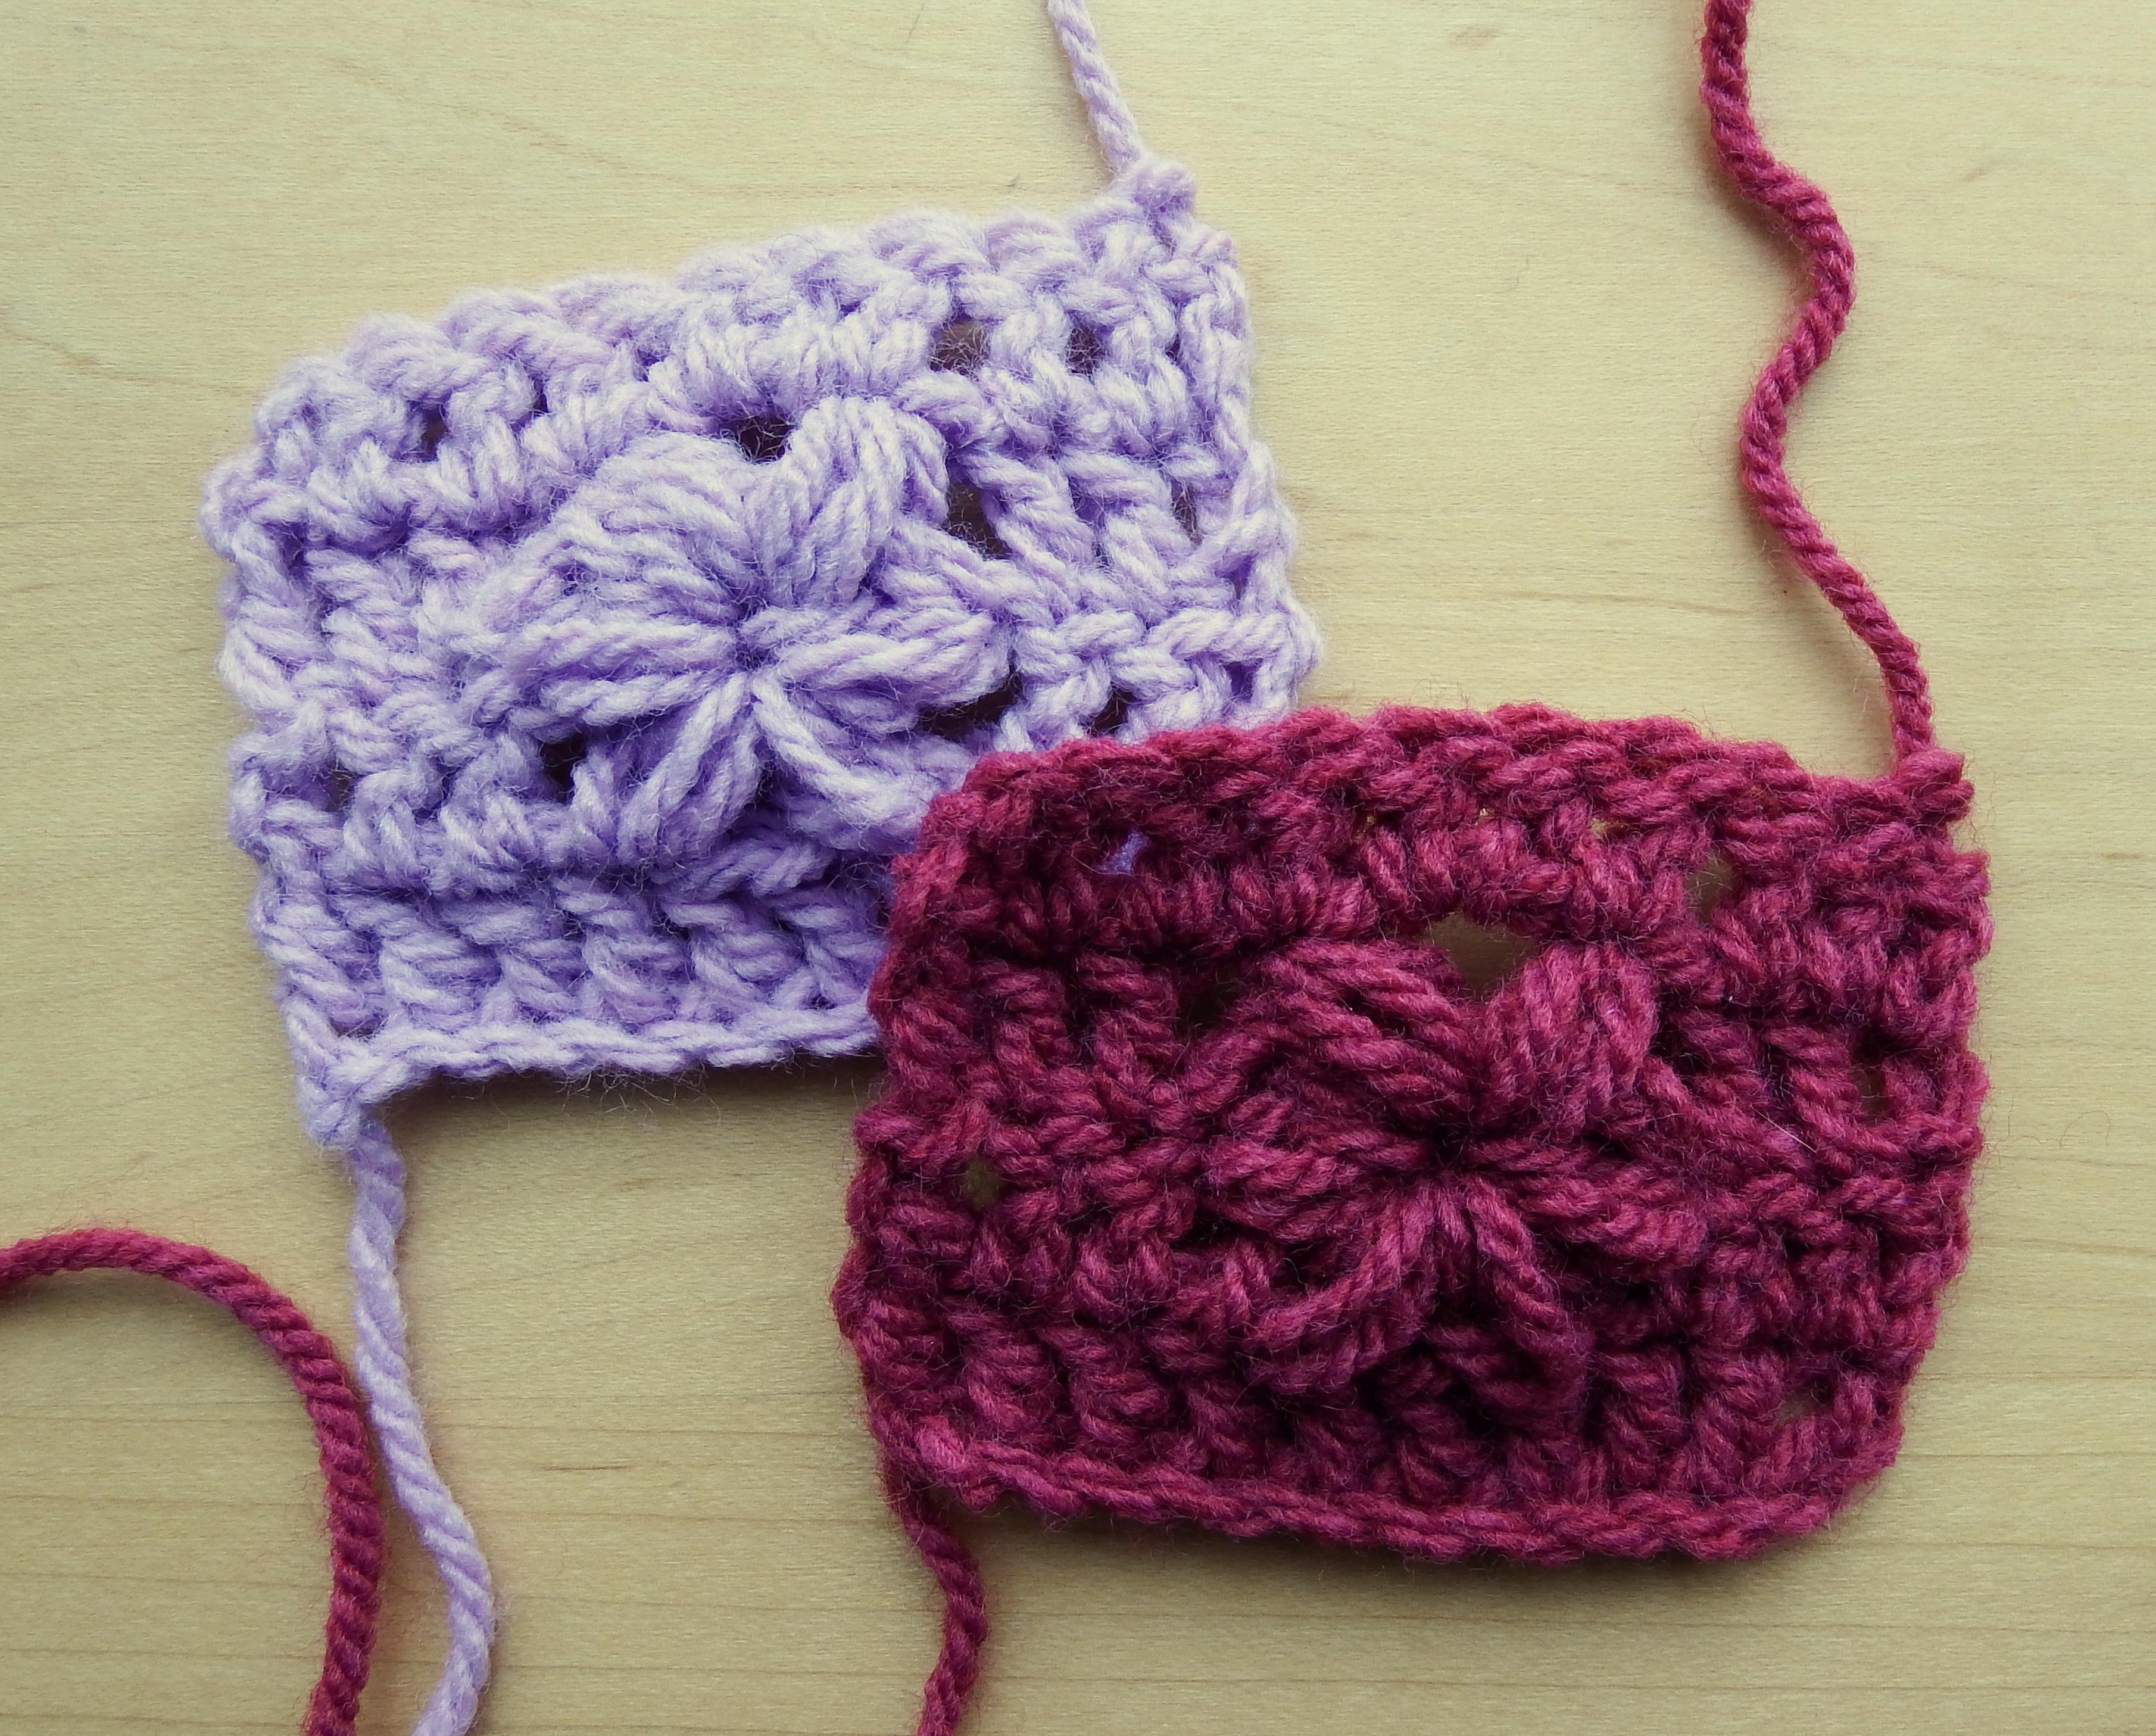 Crochet Puff Stitch Flower Free Pattern : Video Tutorial: Puff Stitch Flower - Interweave